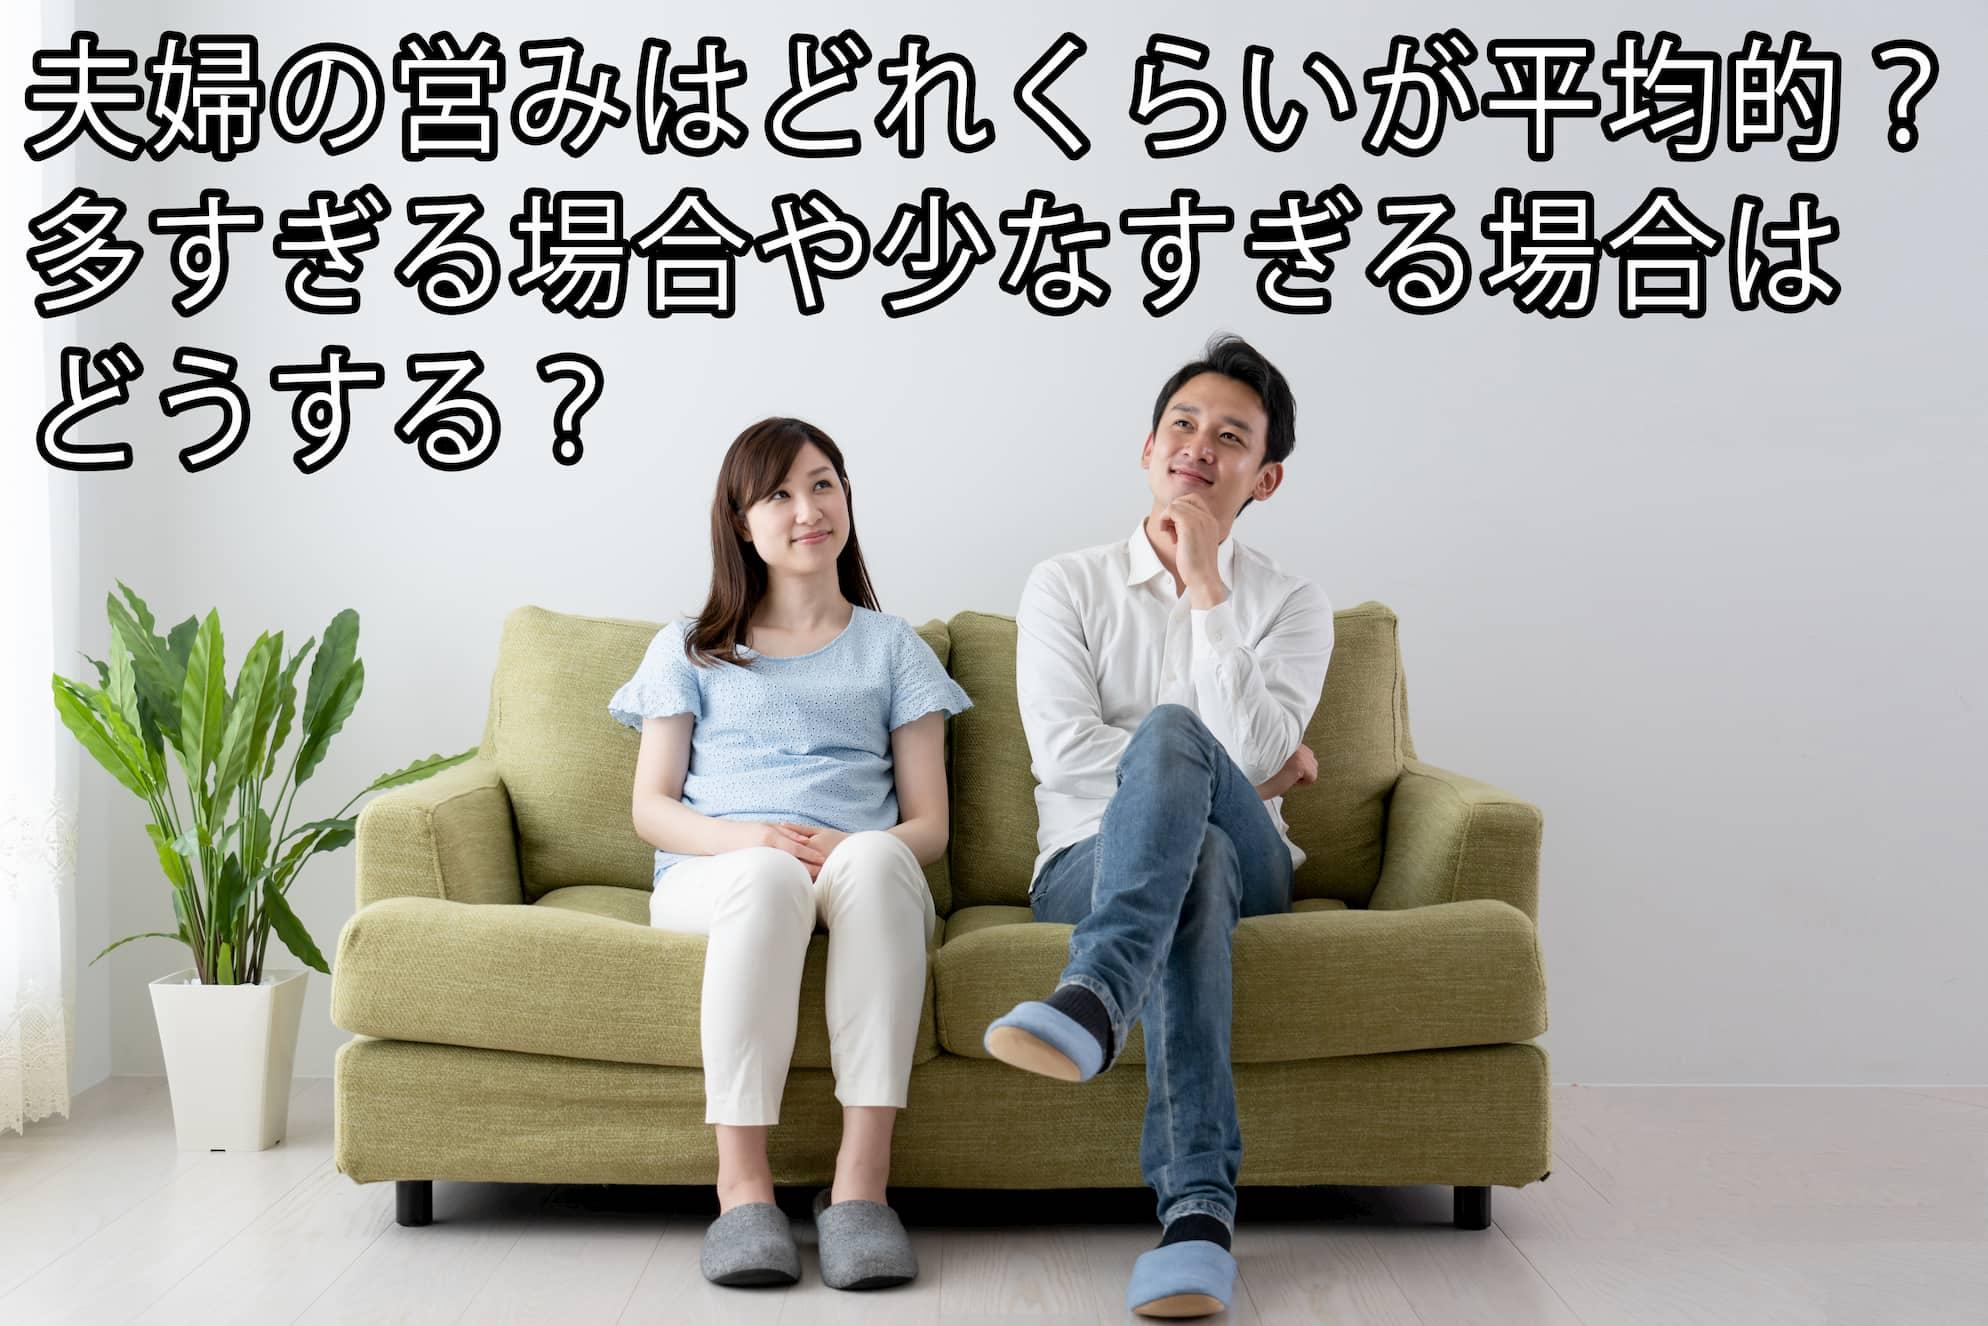 夫婦の営みはどれくらいが平均的?多すぎる場合や少なすぎる場合は ...